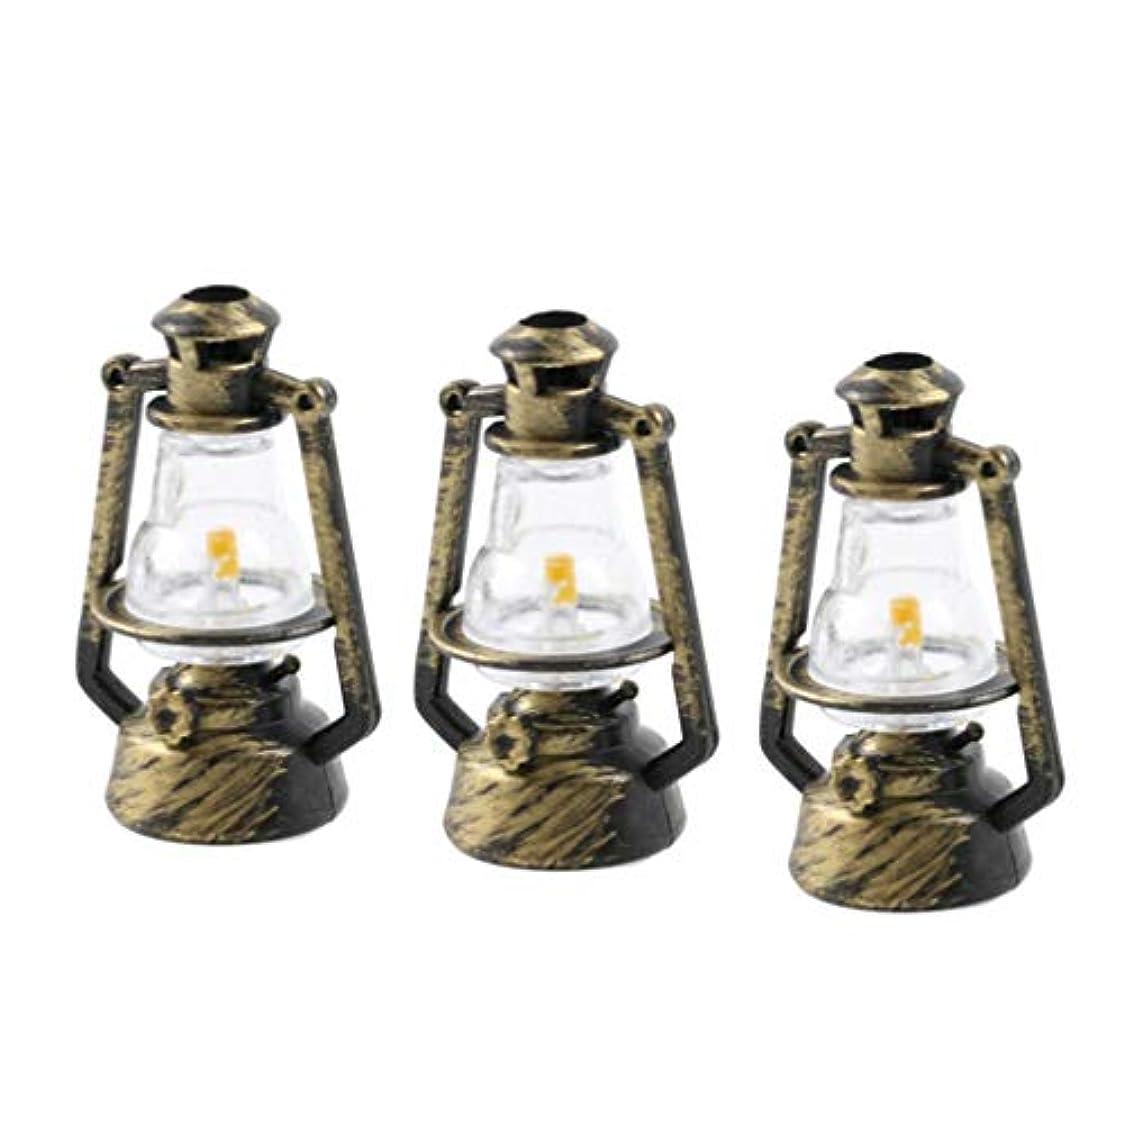 最小規定未亡人HEALLILY ミニレトロ灯油ランプ飾り1:12ドールハウスミニチュア家具ドールハウス装飾アクセサリー風景装飾6ピース